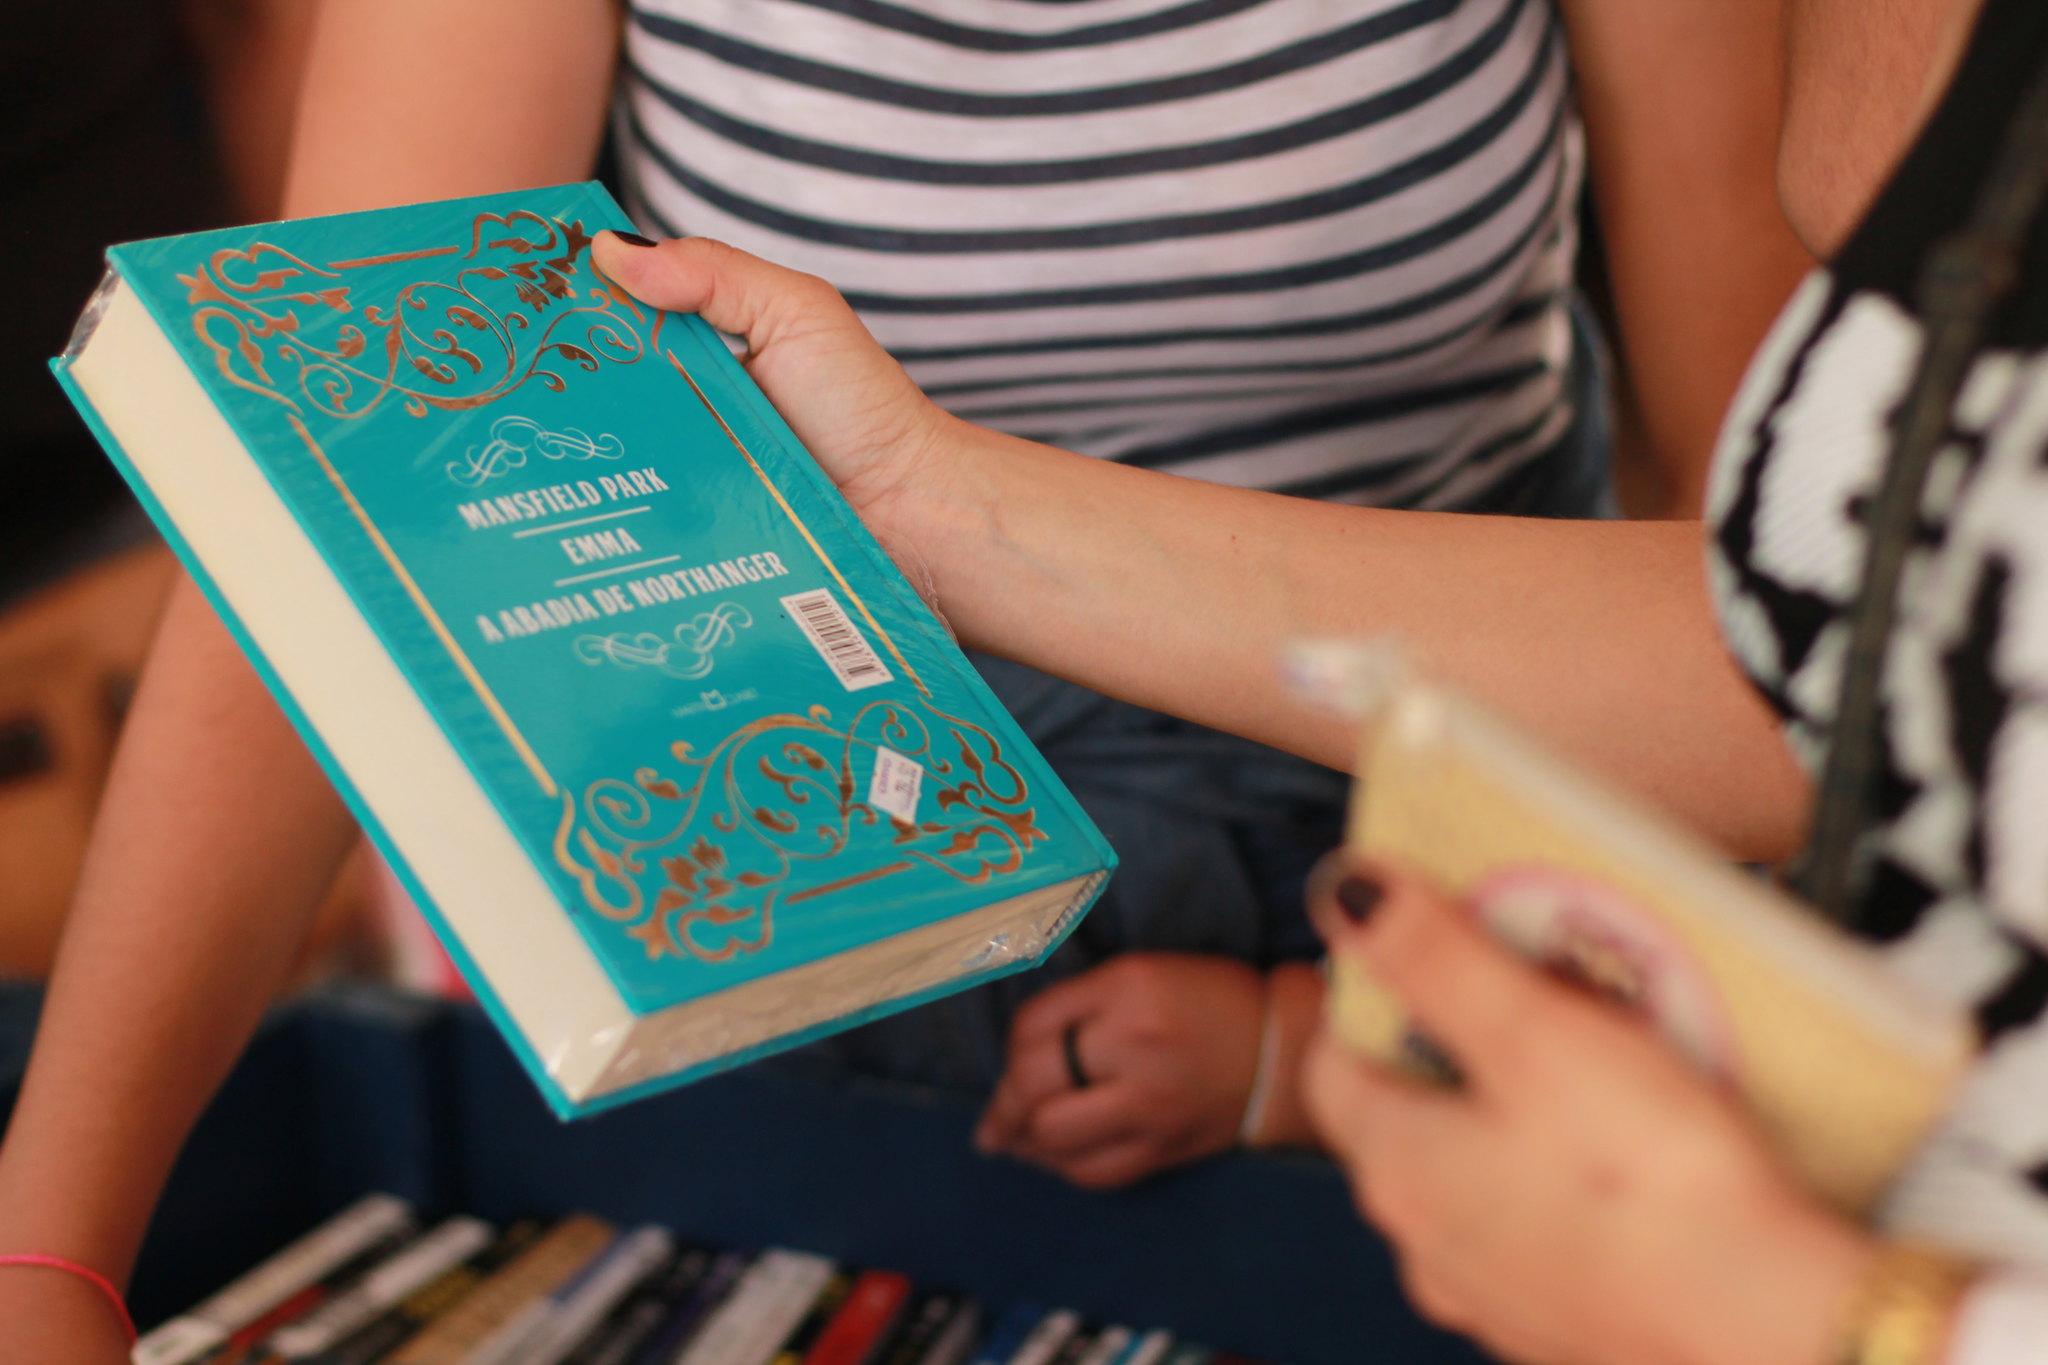 Turismo em Porto Alegre - feira do livro